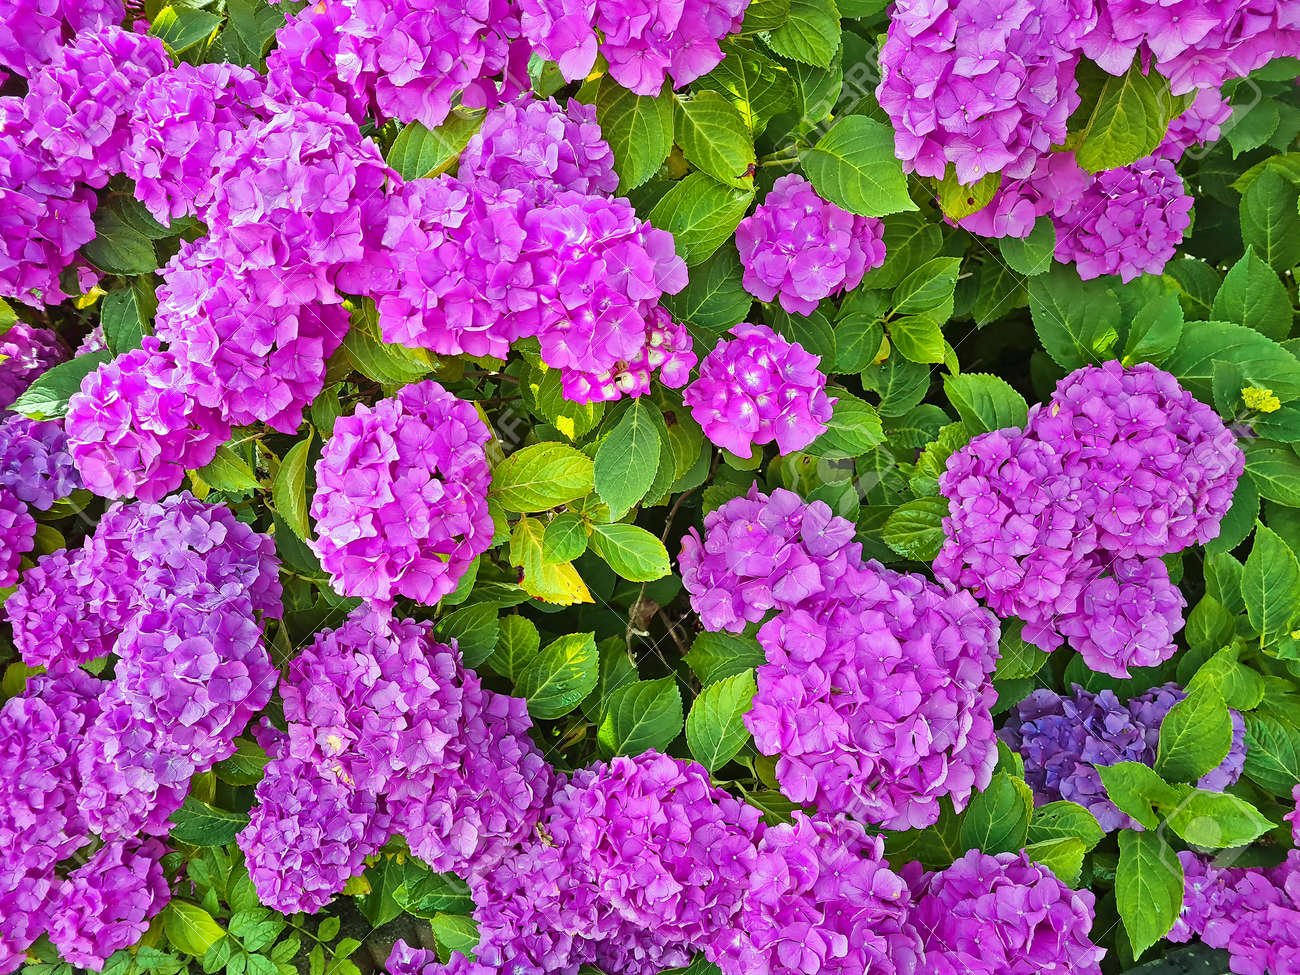 Purple hydrangea flowers in summer - 173297936